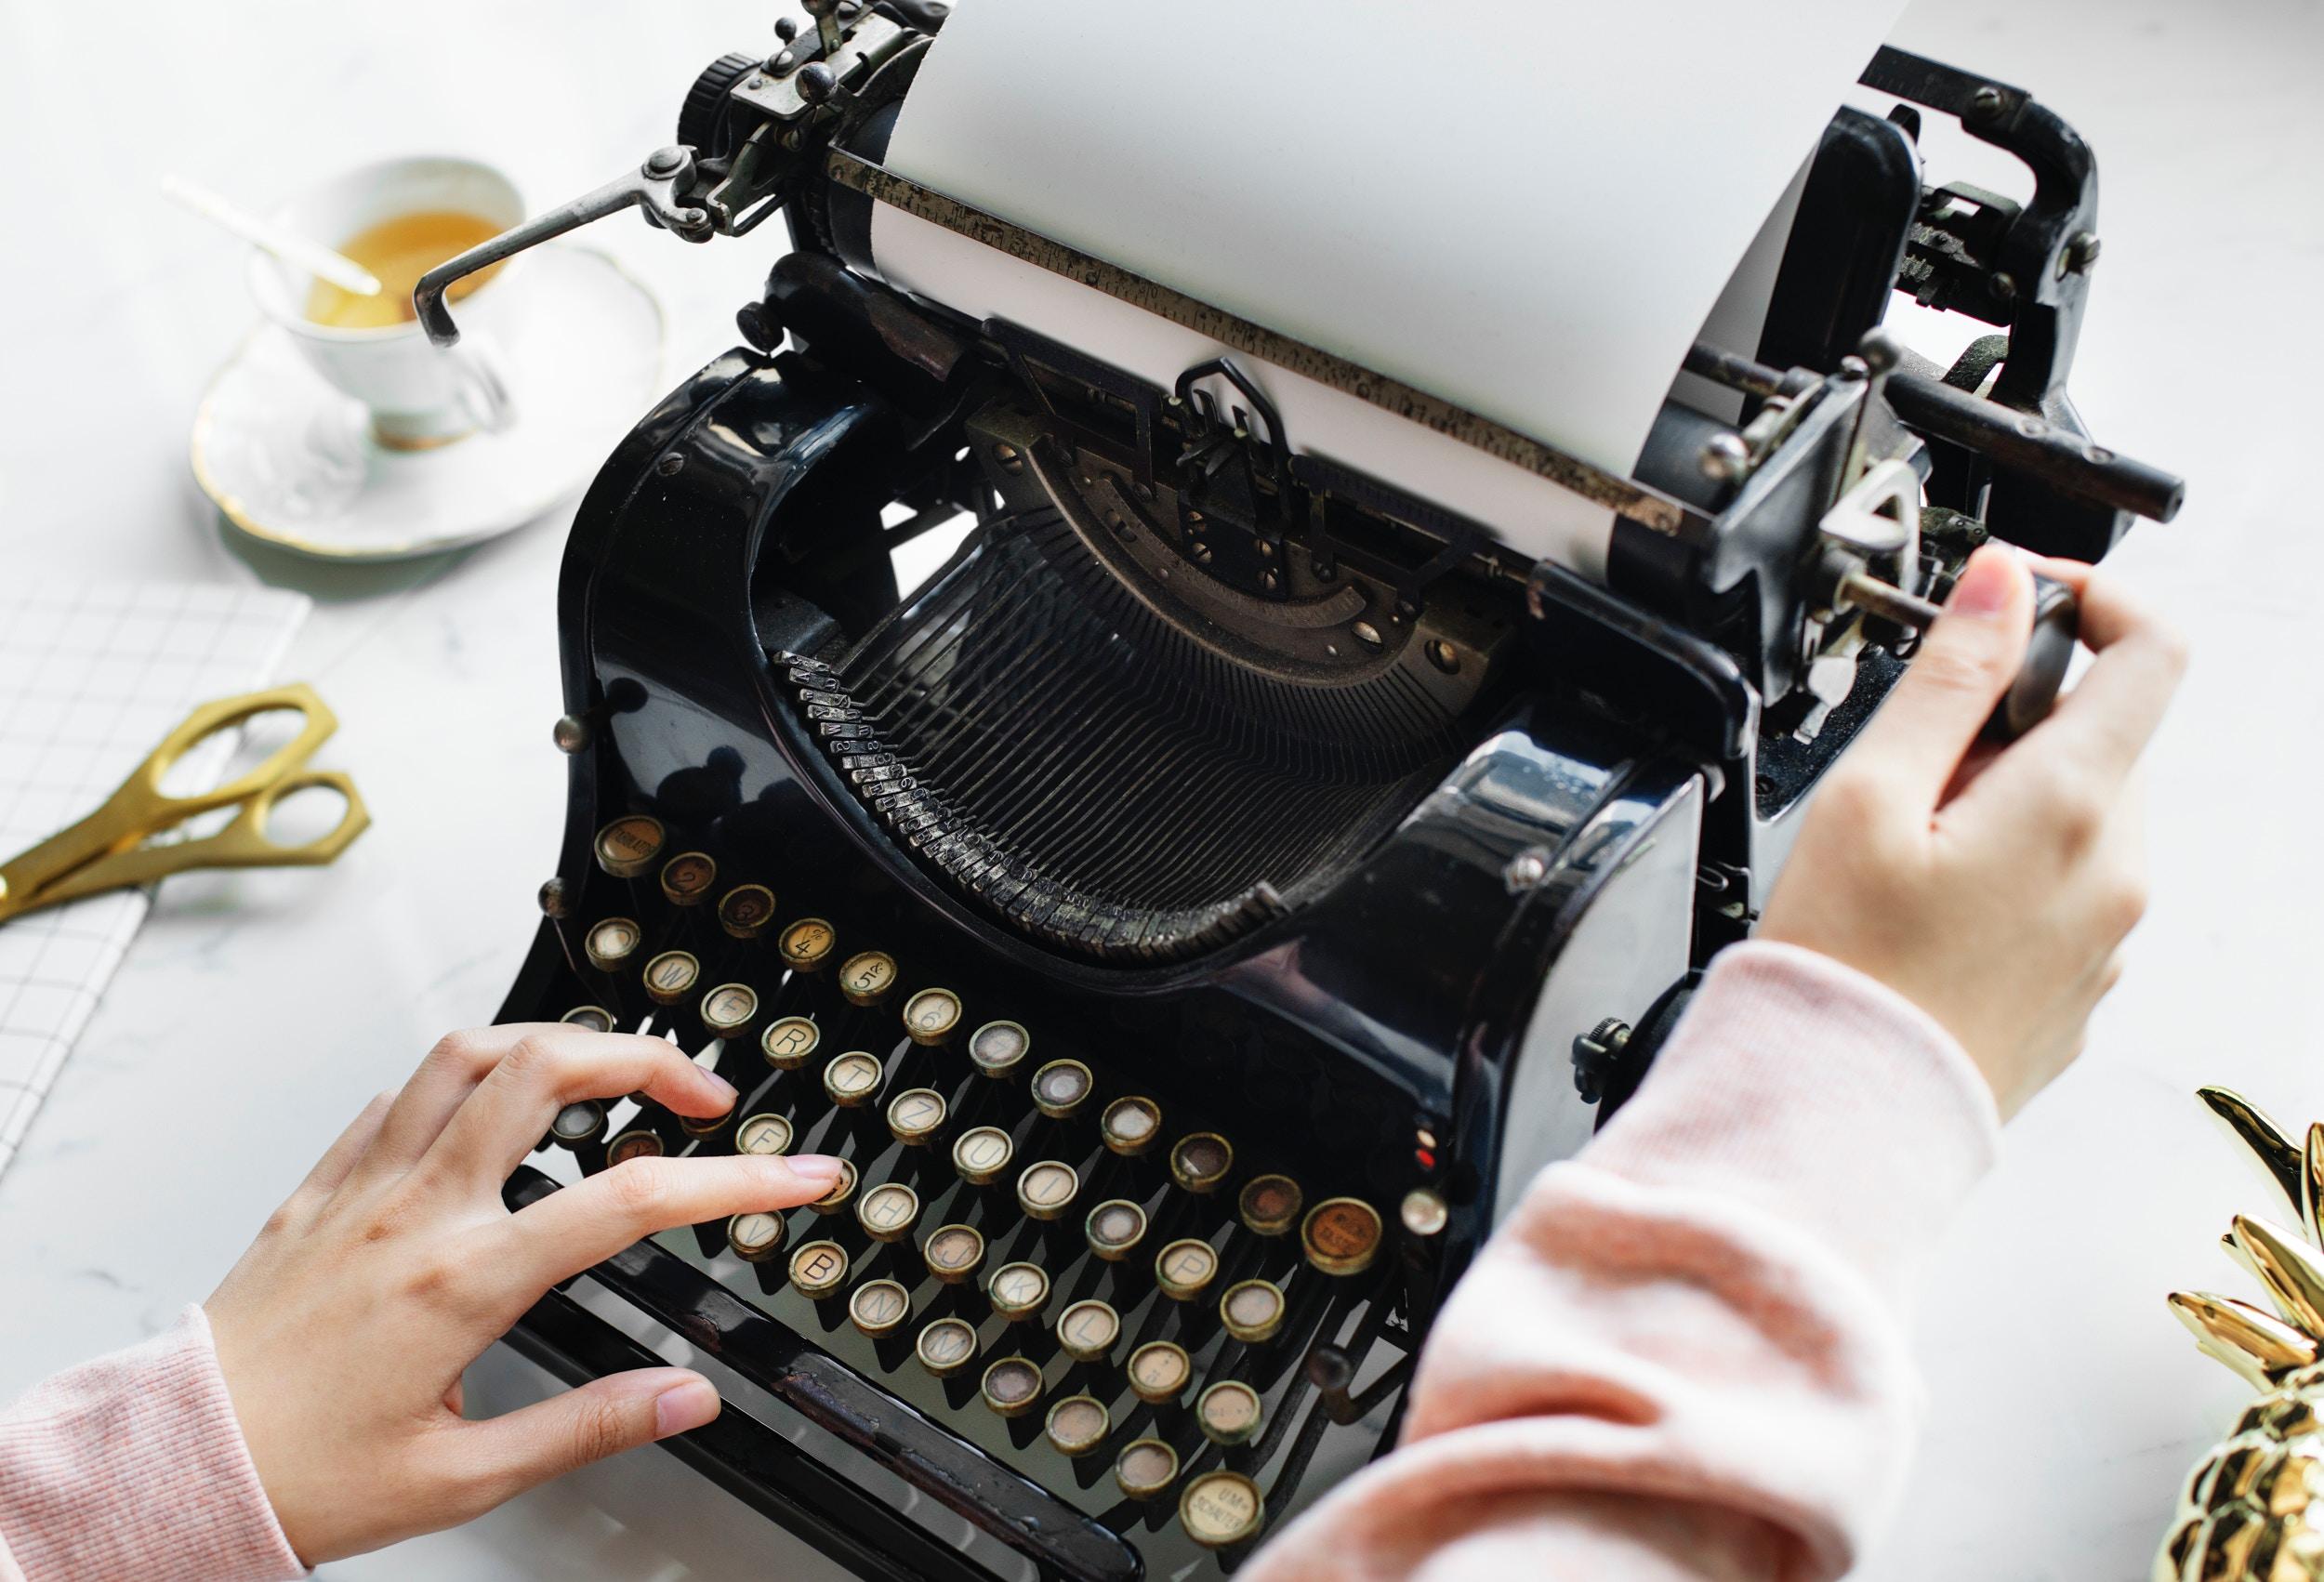 DuyguBayramogluMedia_Journalistin_Schreibmaschine_Produkte_Shopping_Autor